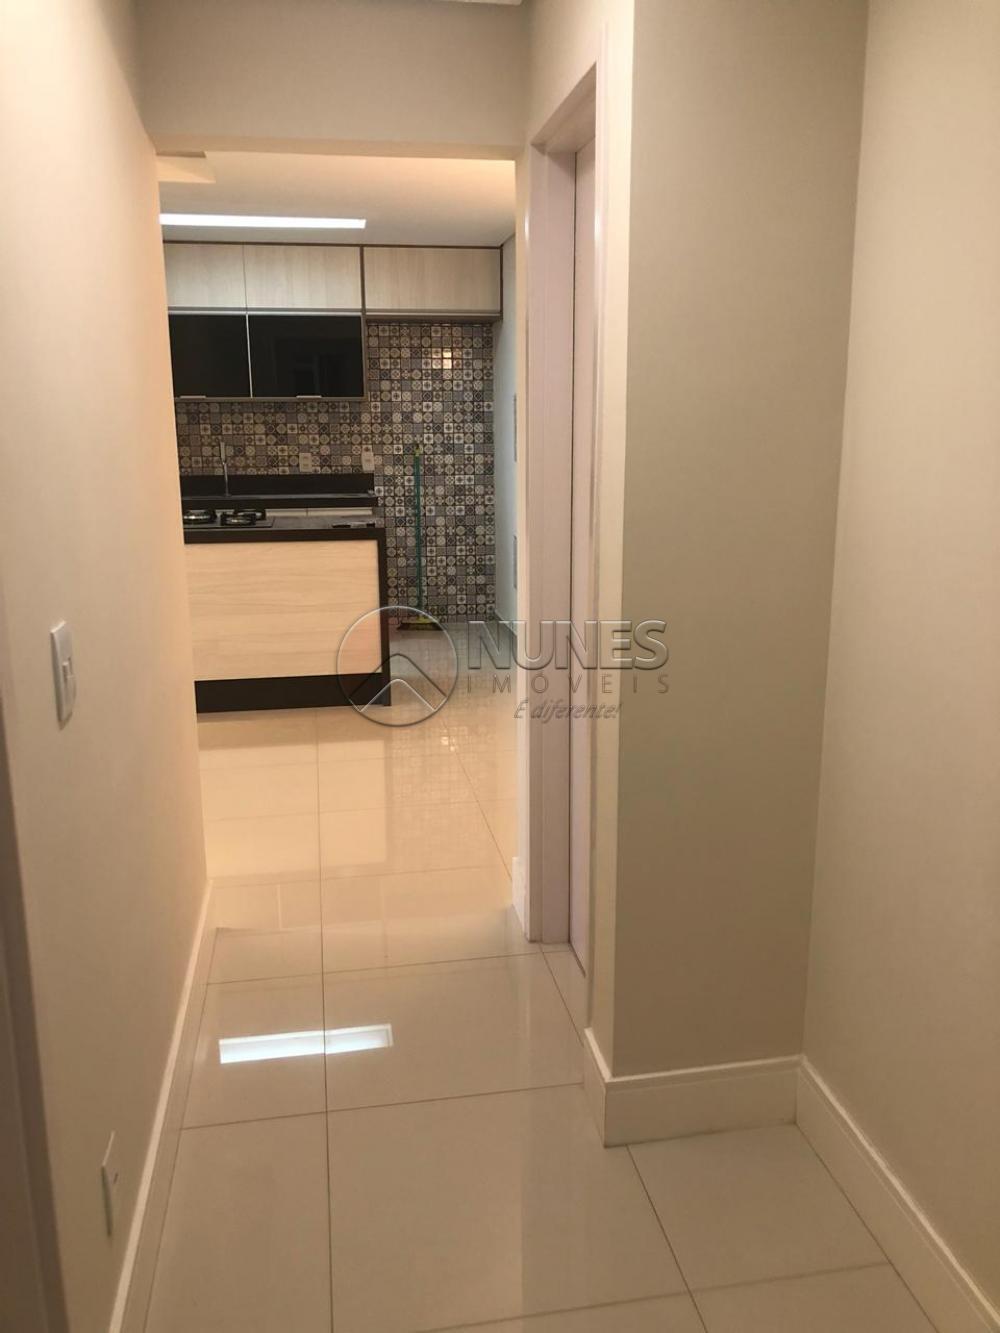 Comprar Apartamento / Padrão em Barueri apenas R$ 520.000,00 - Foto 4